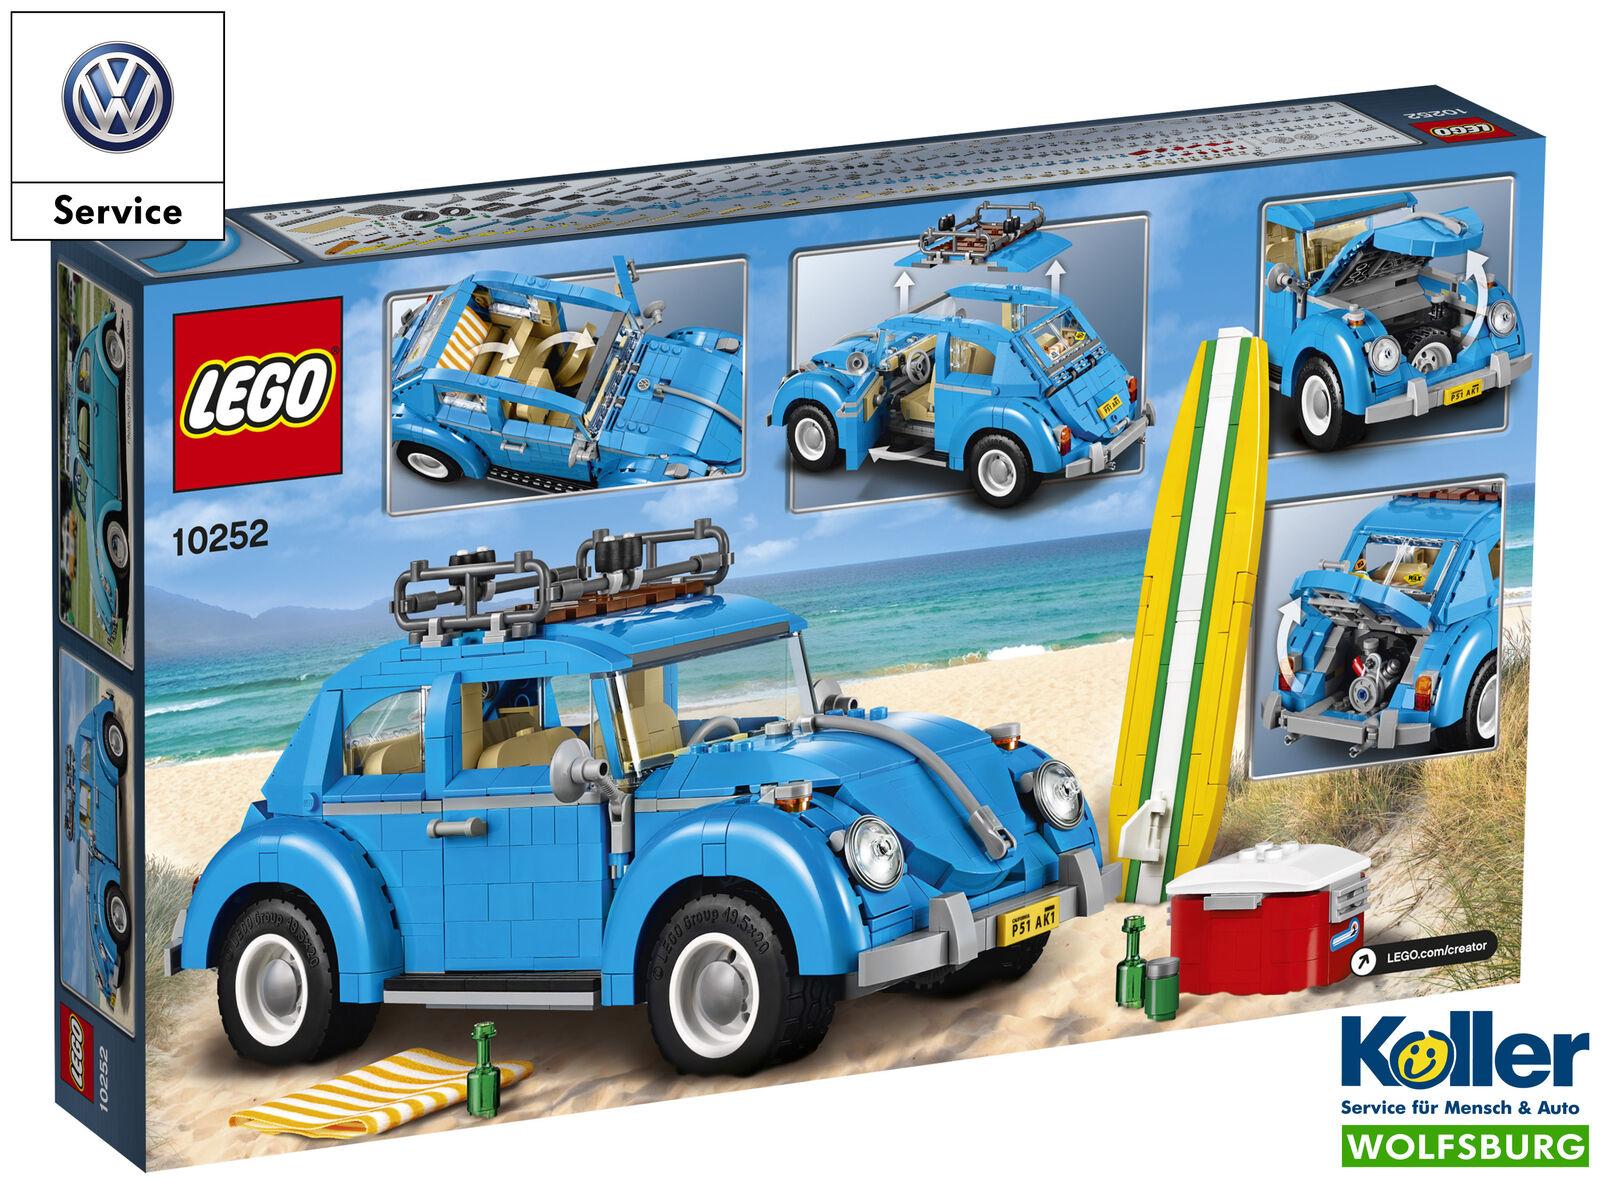 ORIGINALE VOLKSWAGEN Lego 1960 MAGGIOLINO Bauset blu giocattolo